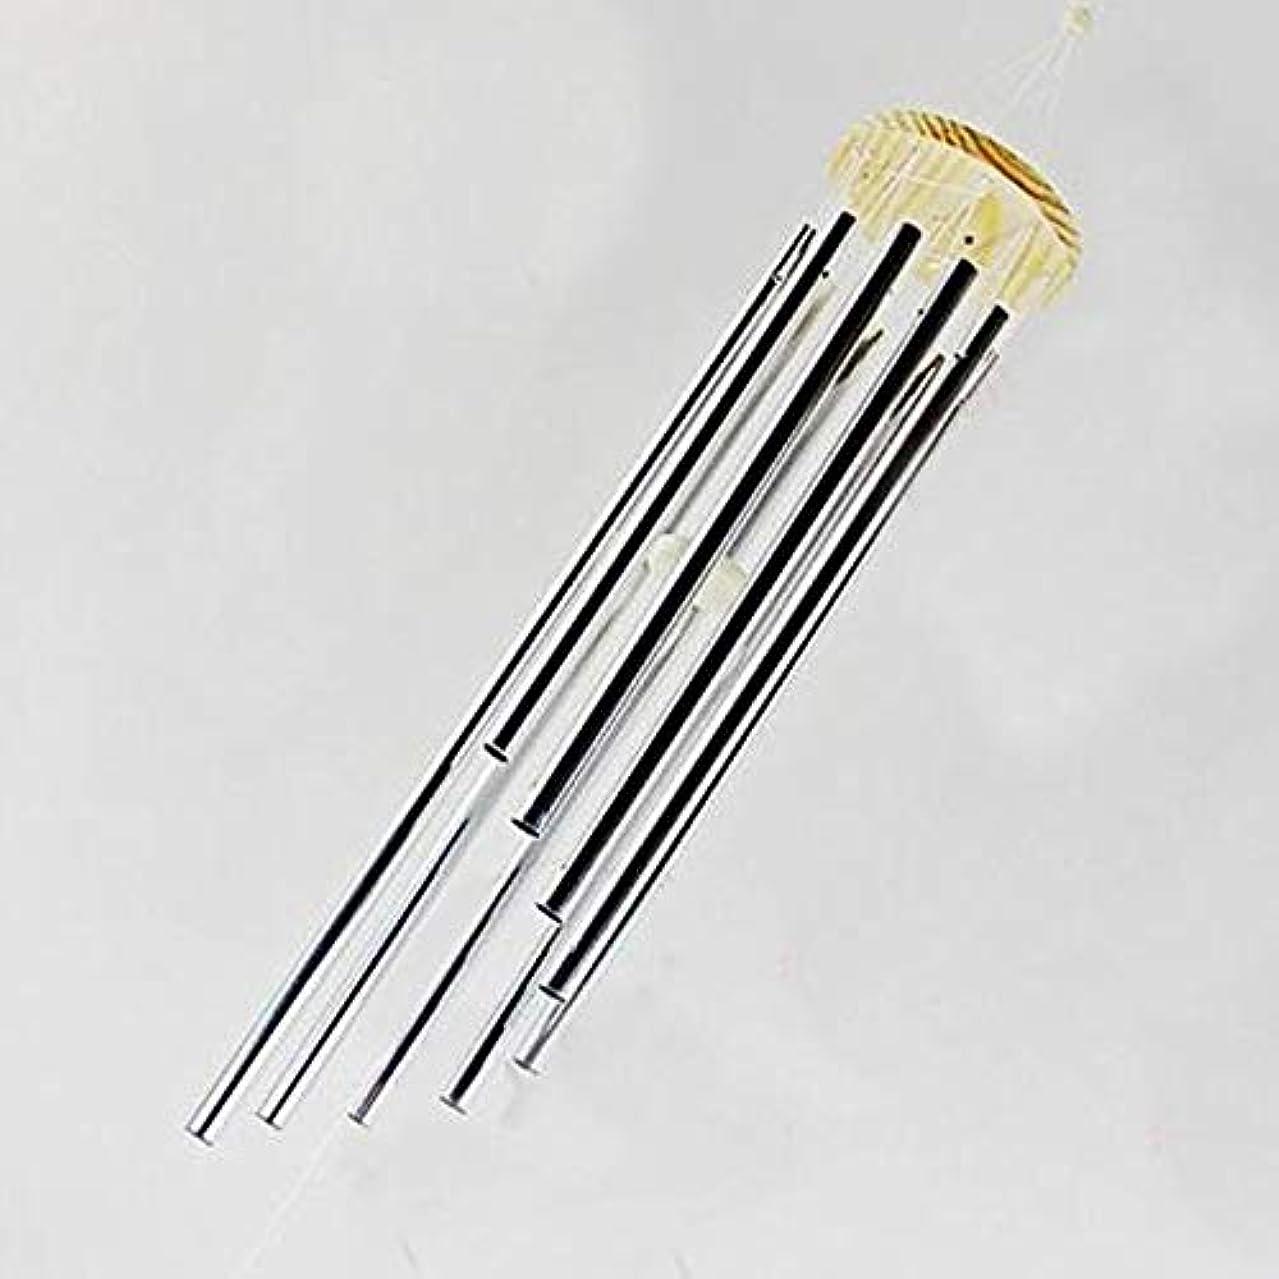 実質的に放課後のスコアJingfengtongxun 風チャイム、メタル風チャイム9本のチューブ、シルバー、90CMについて全身をハンギング,スタイリッシュなホリデーギフト